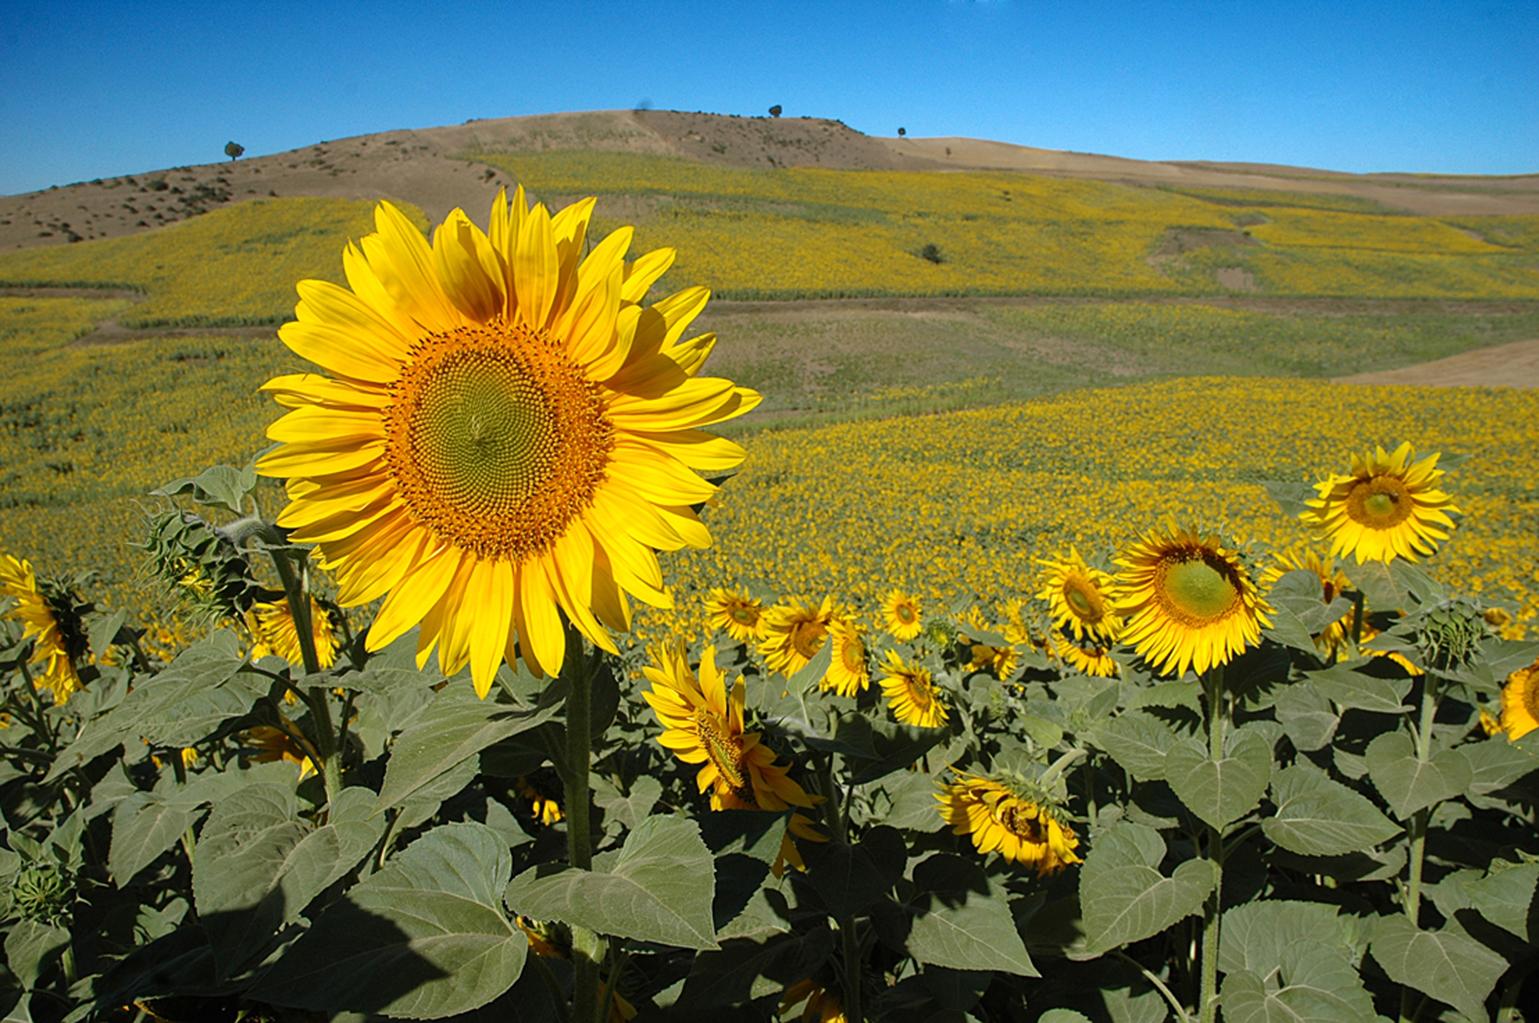 سفر به دشت آفتابگردان های کالپوش میامی/ مشاهده تلألوء گل های آفتاب پرست از دور دست ها